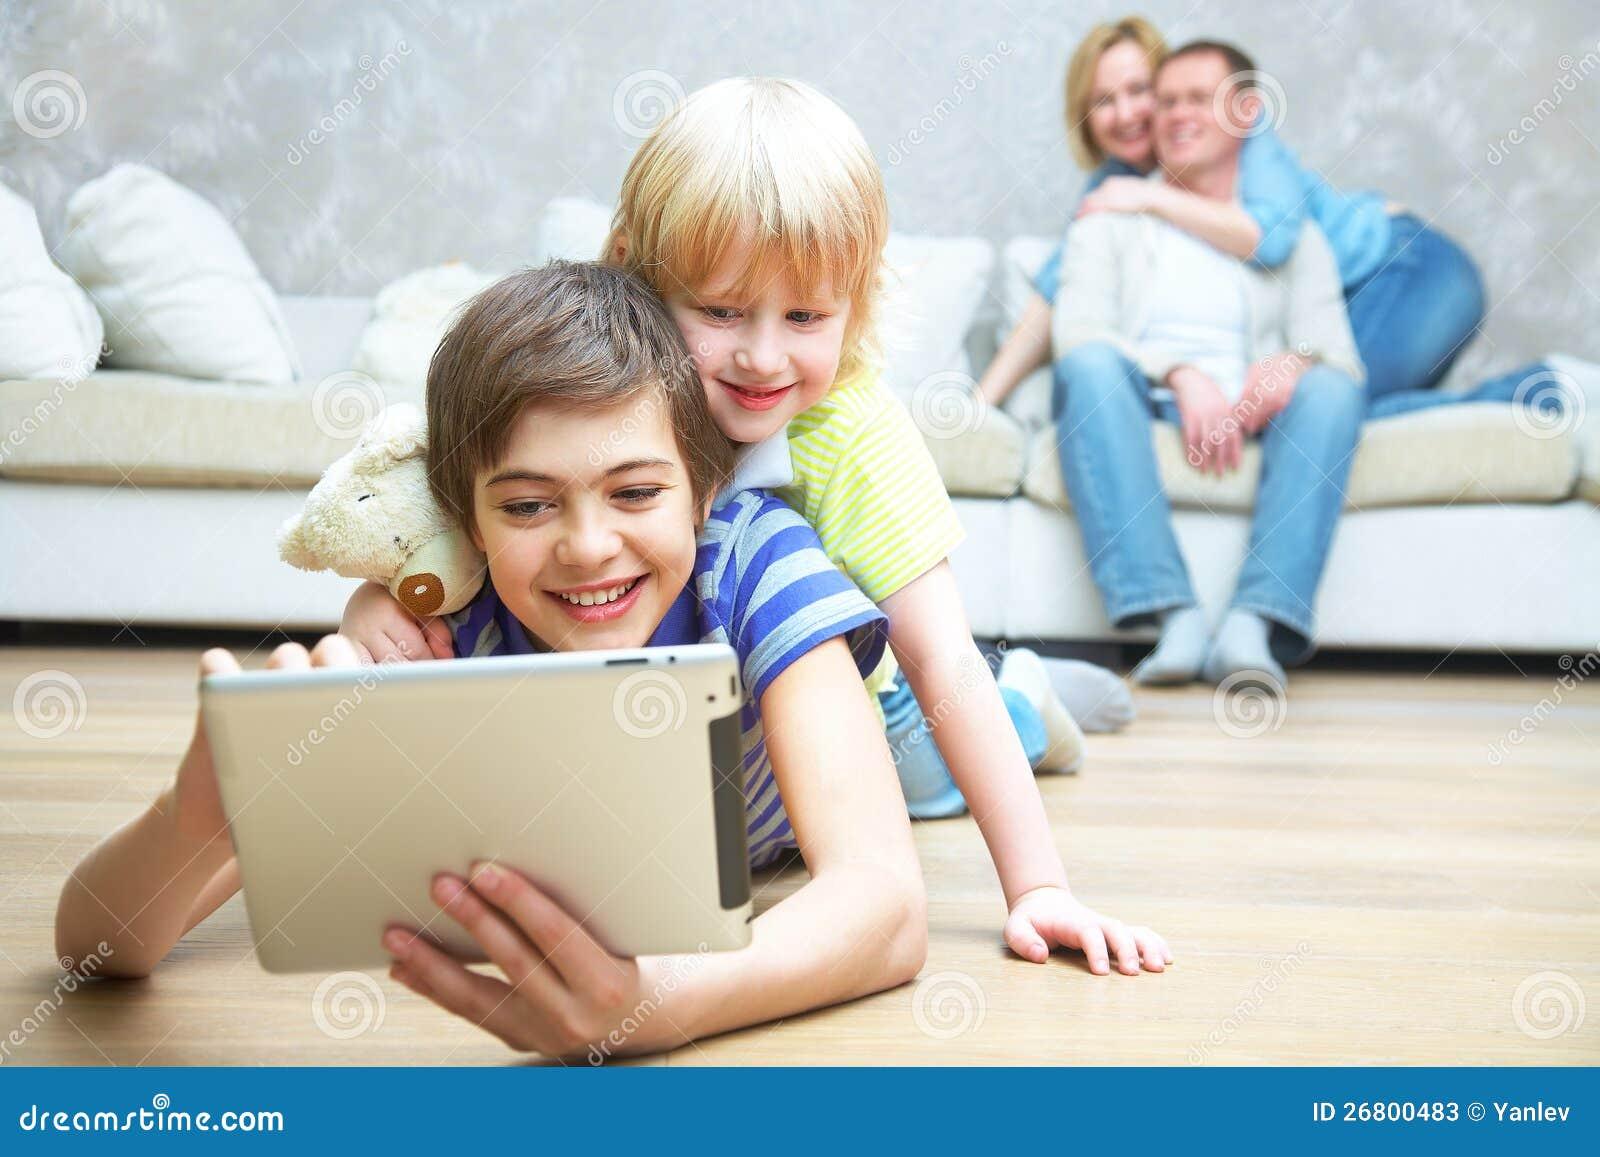 kids at 2 - photo #18